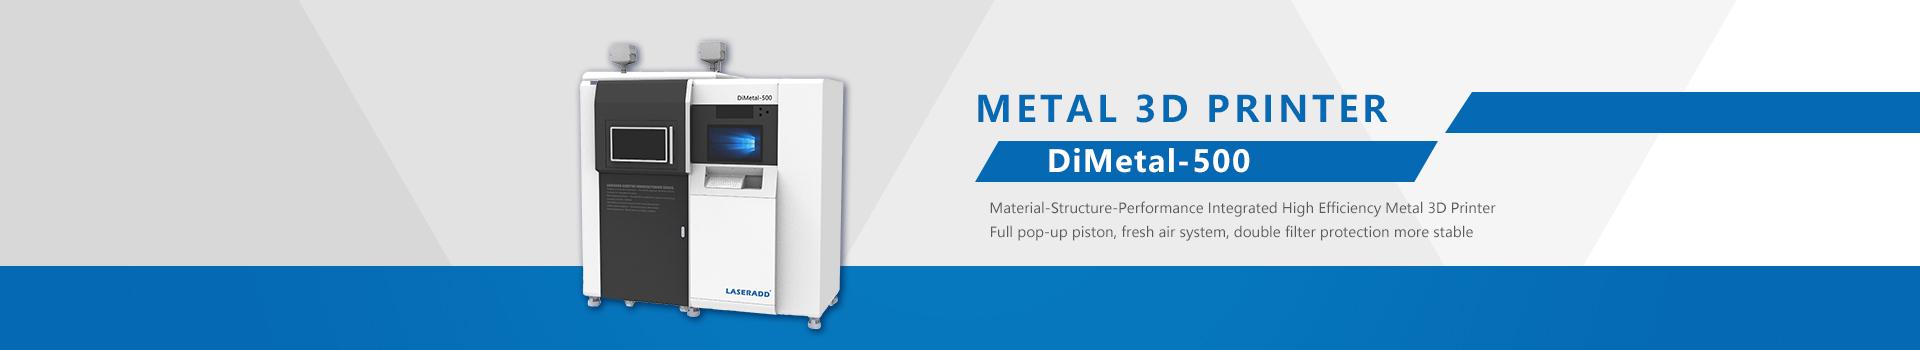 DiMetal-500